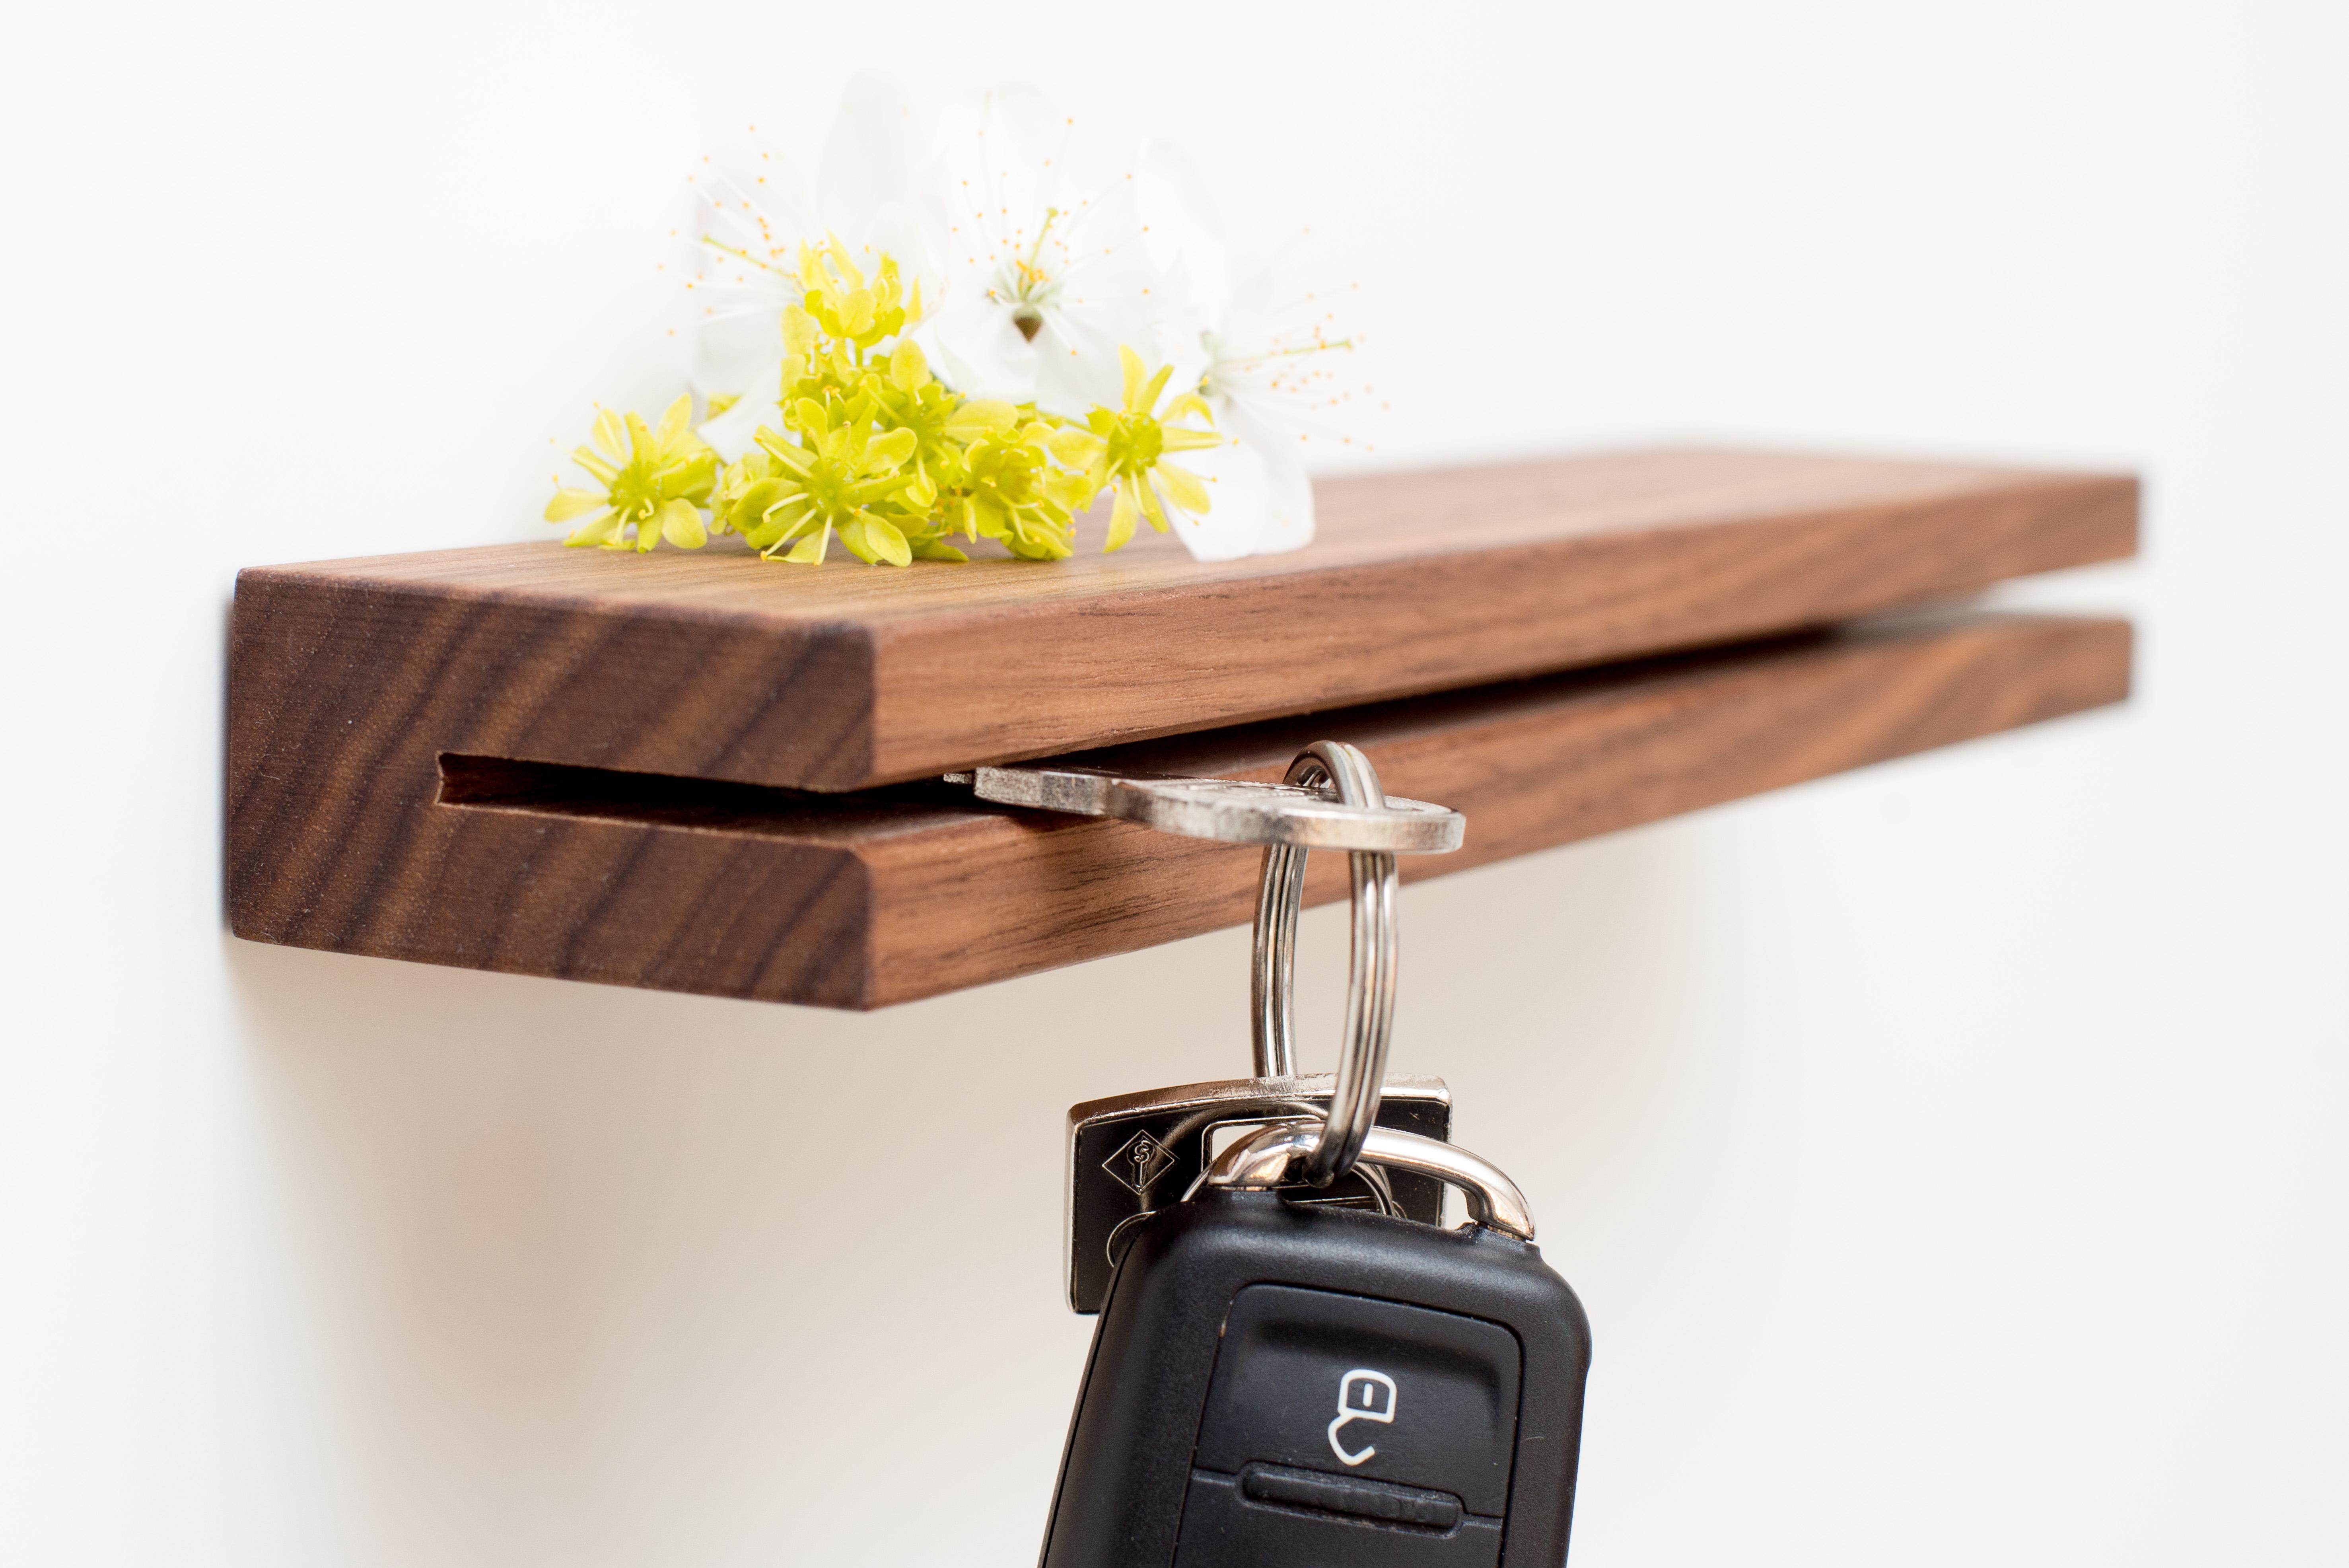 schl sselbretter und schl sselhalter schl ssel praktisch aufbewahren klotzaufklotz. Black Bedroom Furniture Sets. Home Design Ideas